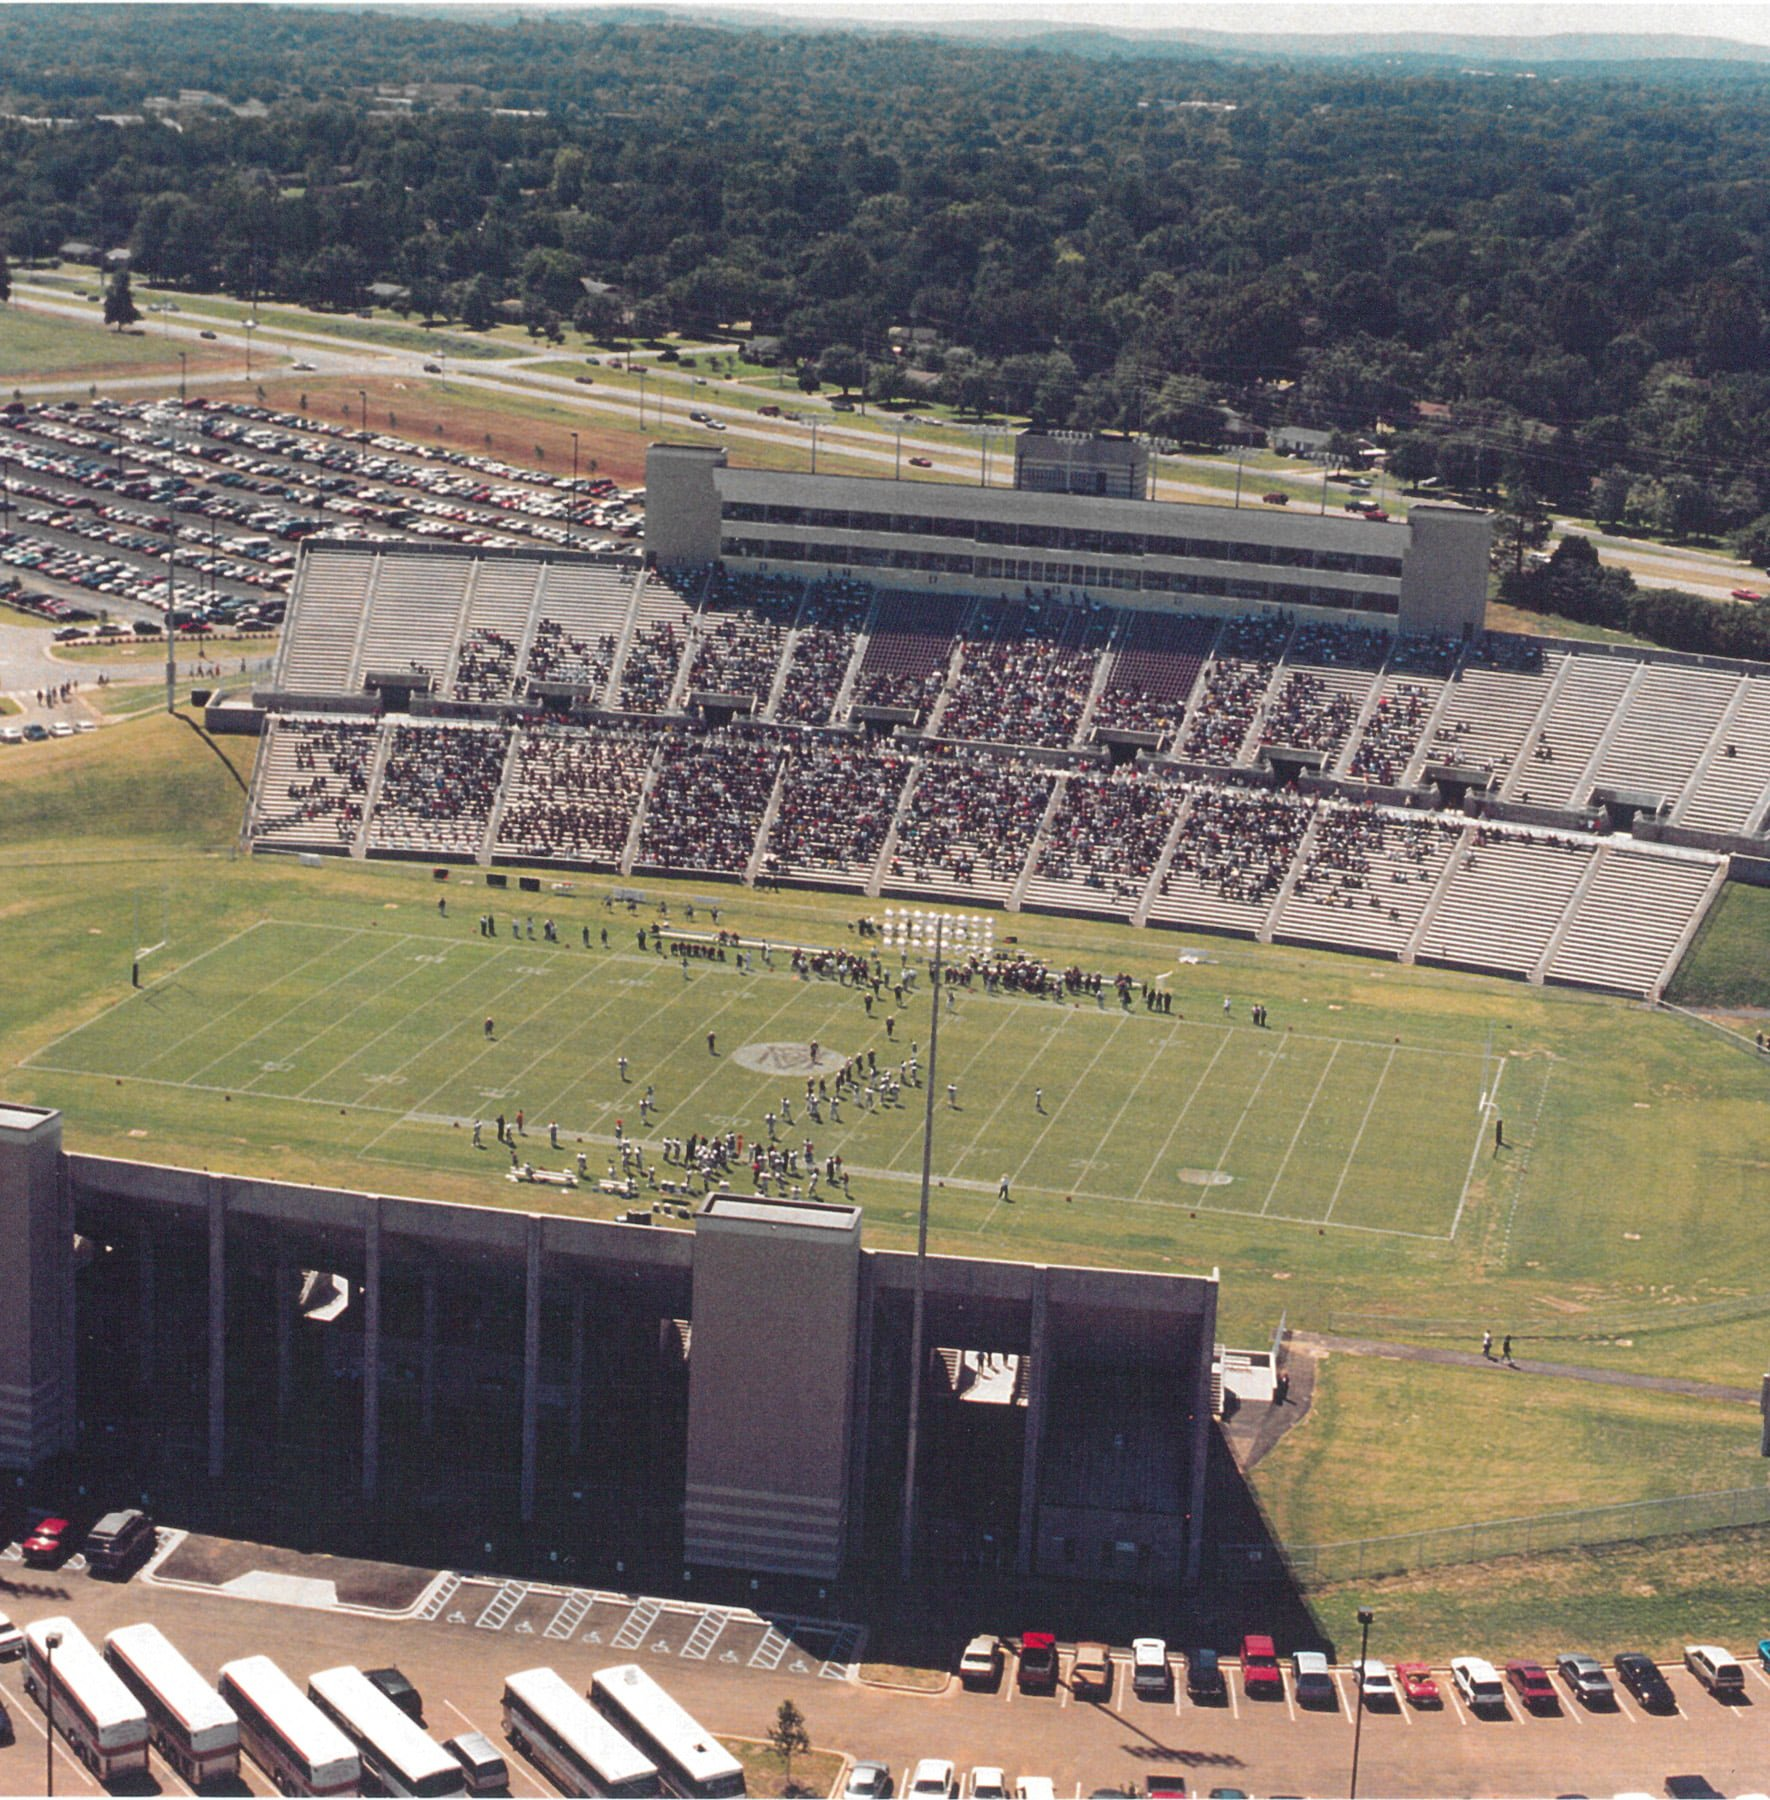 Louis Crews Stadium Aerial 1 (1770x1800)